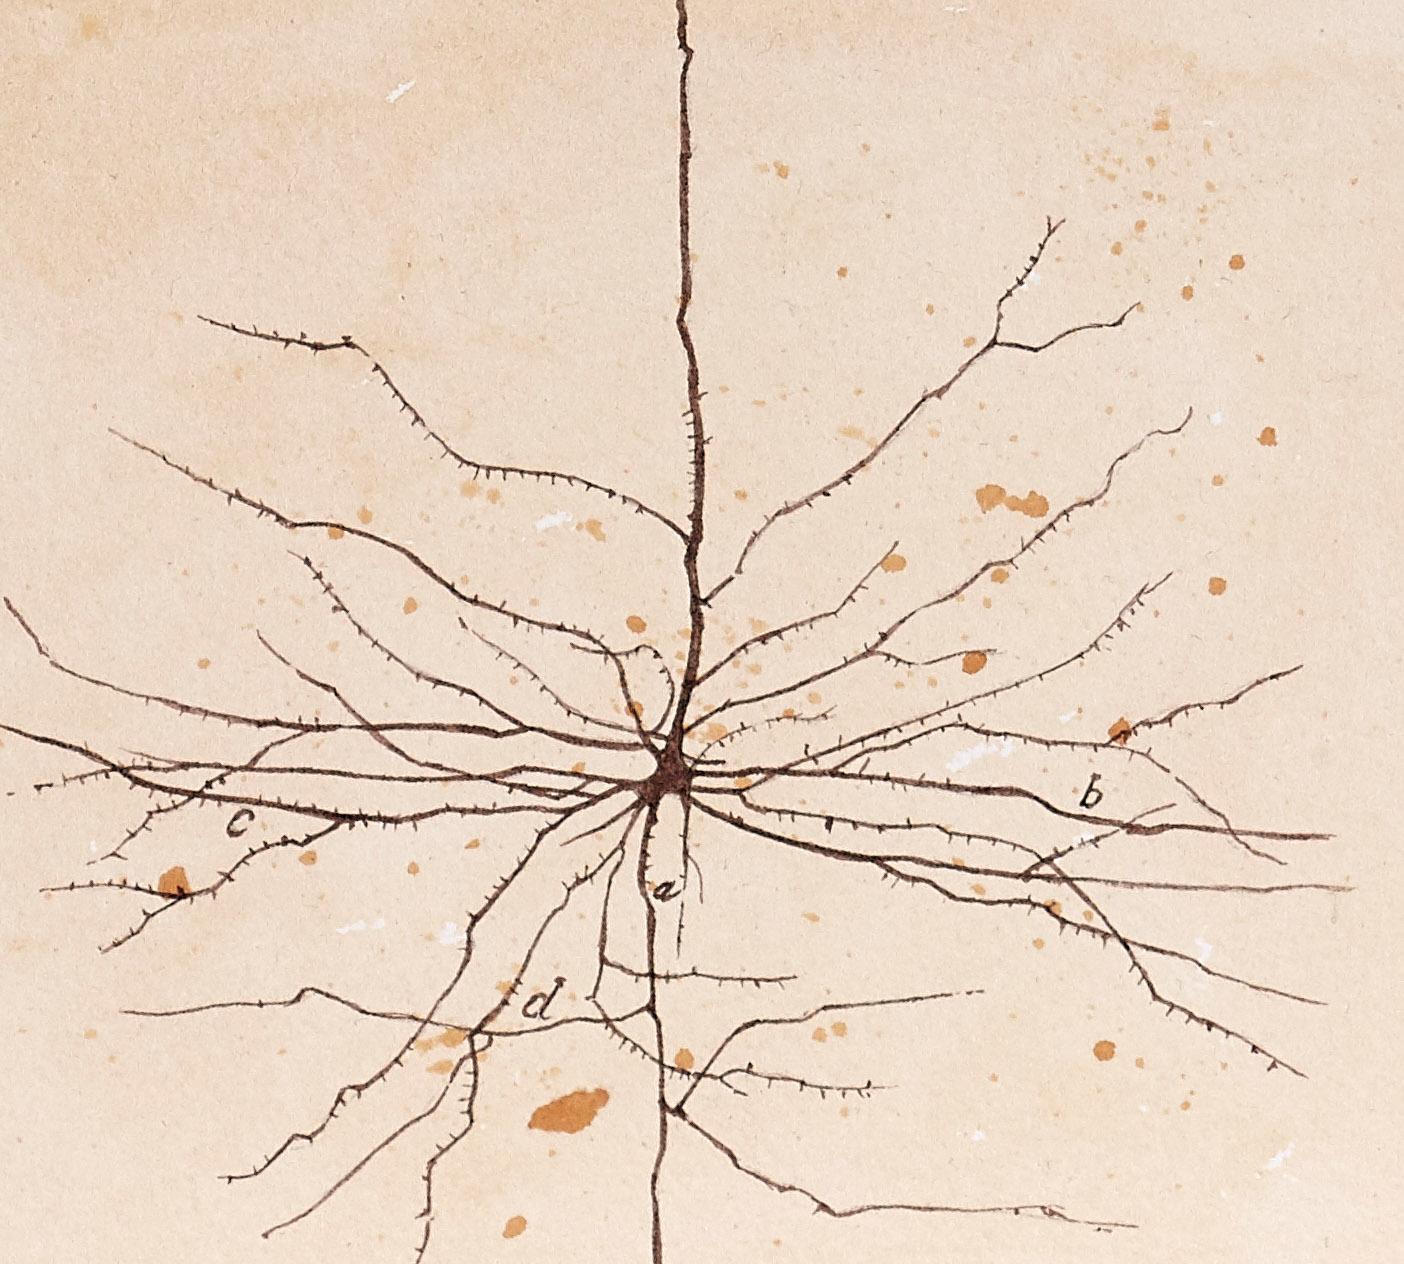 Neuronas como las que dibujó Ramón y Cajal en versión del artista fernando Fueyo. | CRÉDITO: Fernando Fueyo